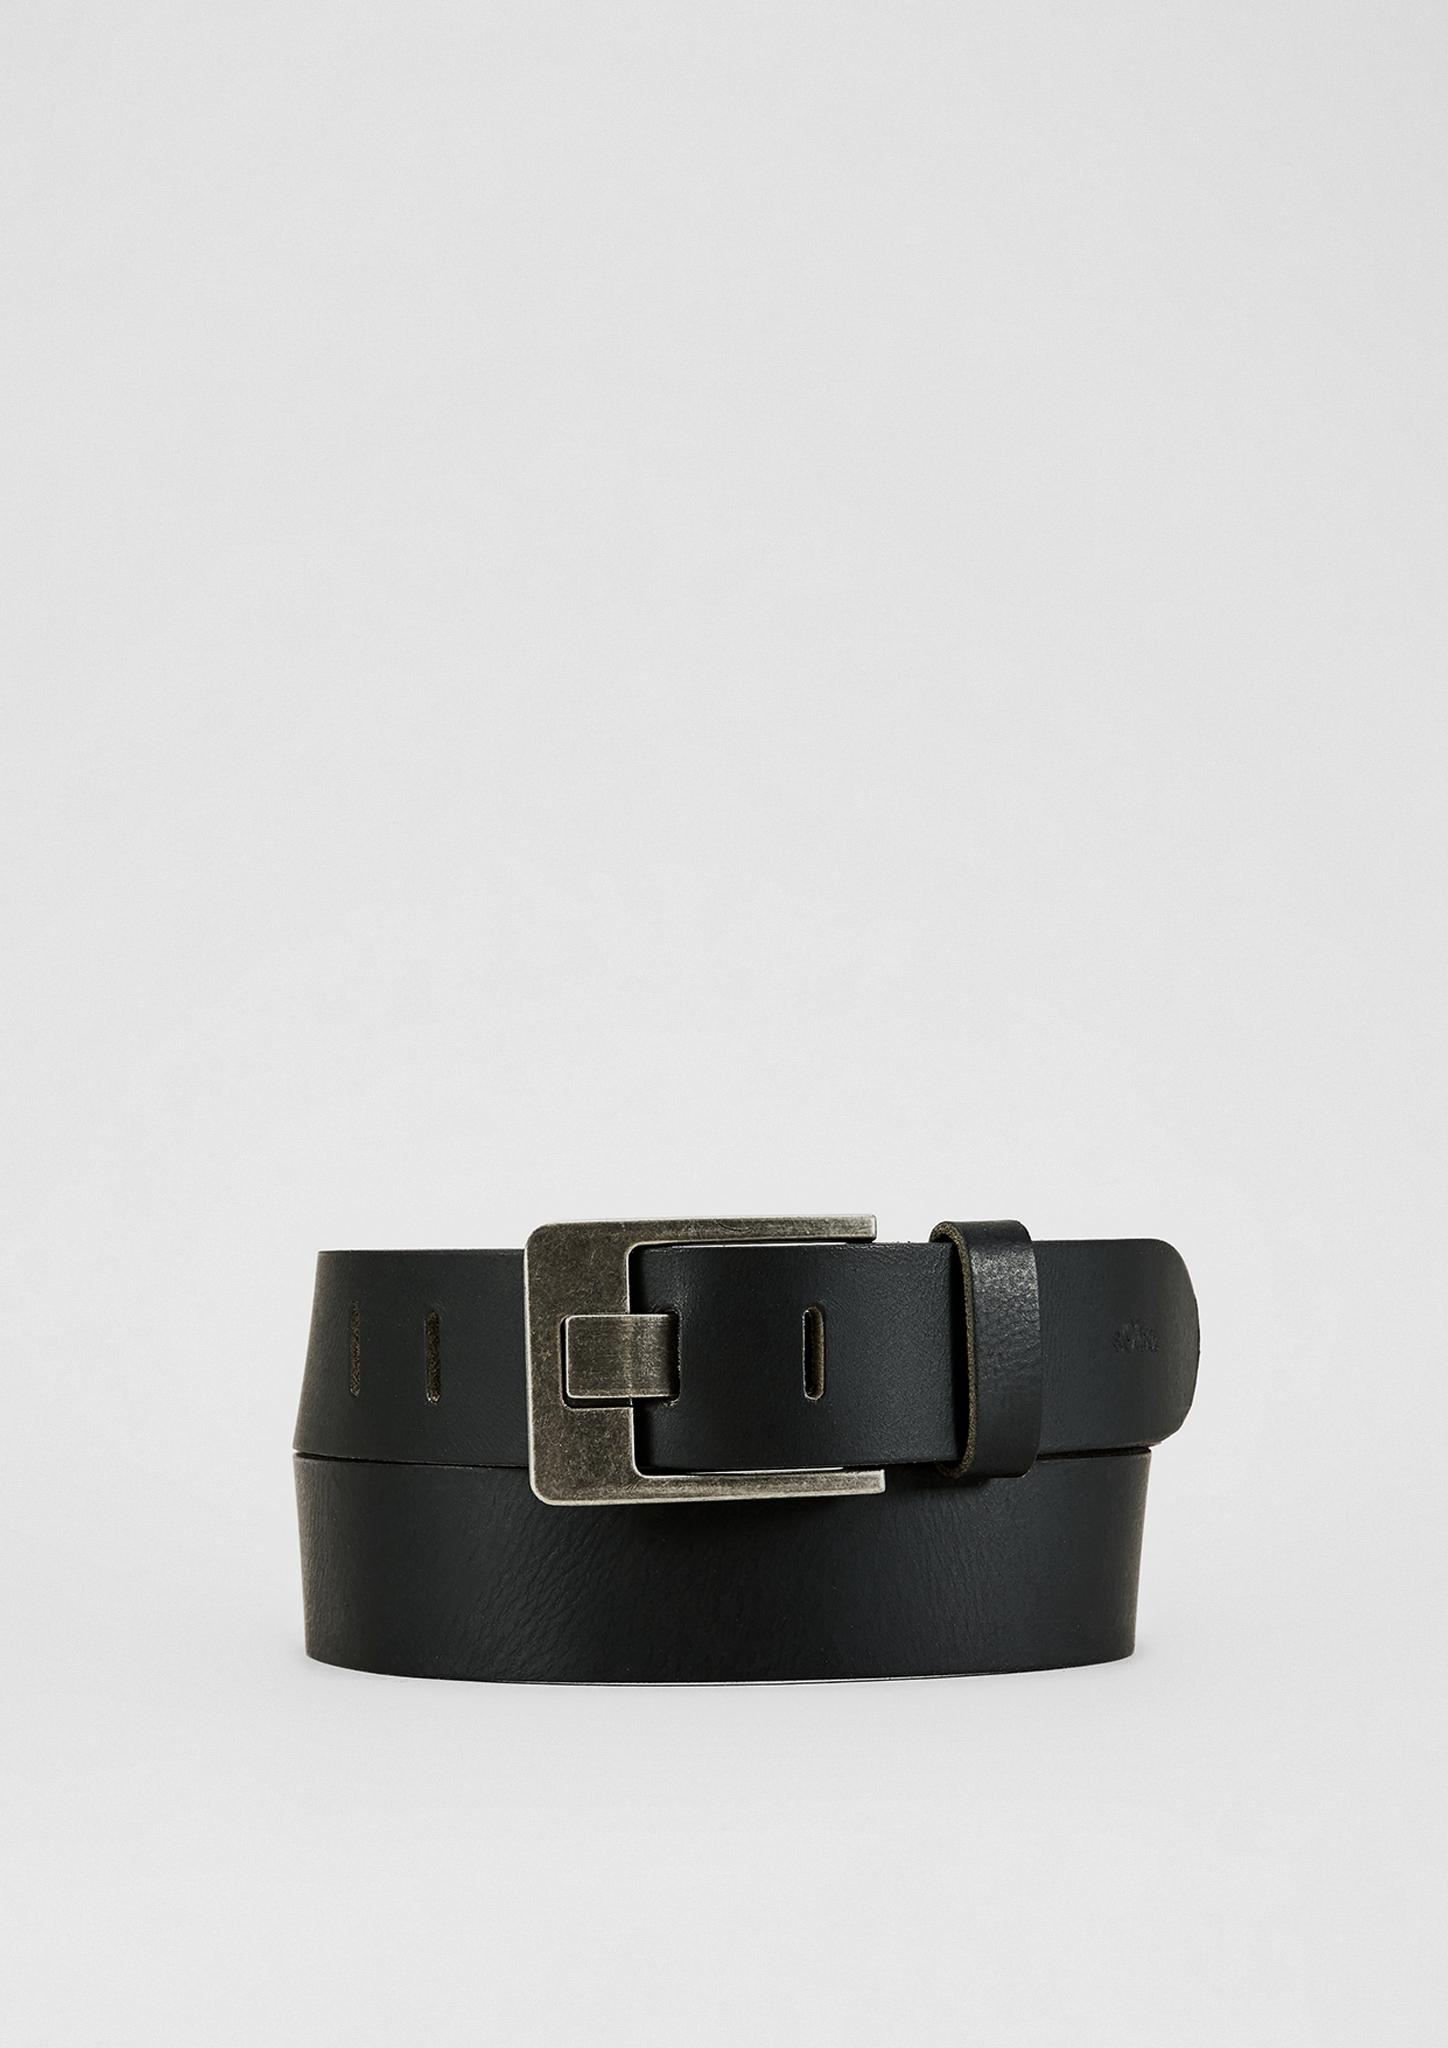 Ledergürtel | Accessoires | Grau/schwarz | 100% leder | s.Oliver